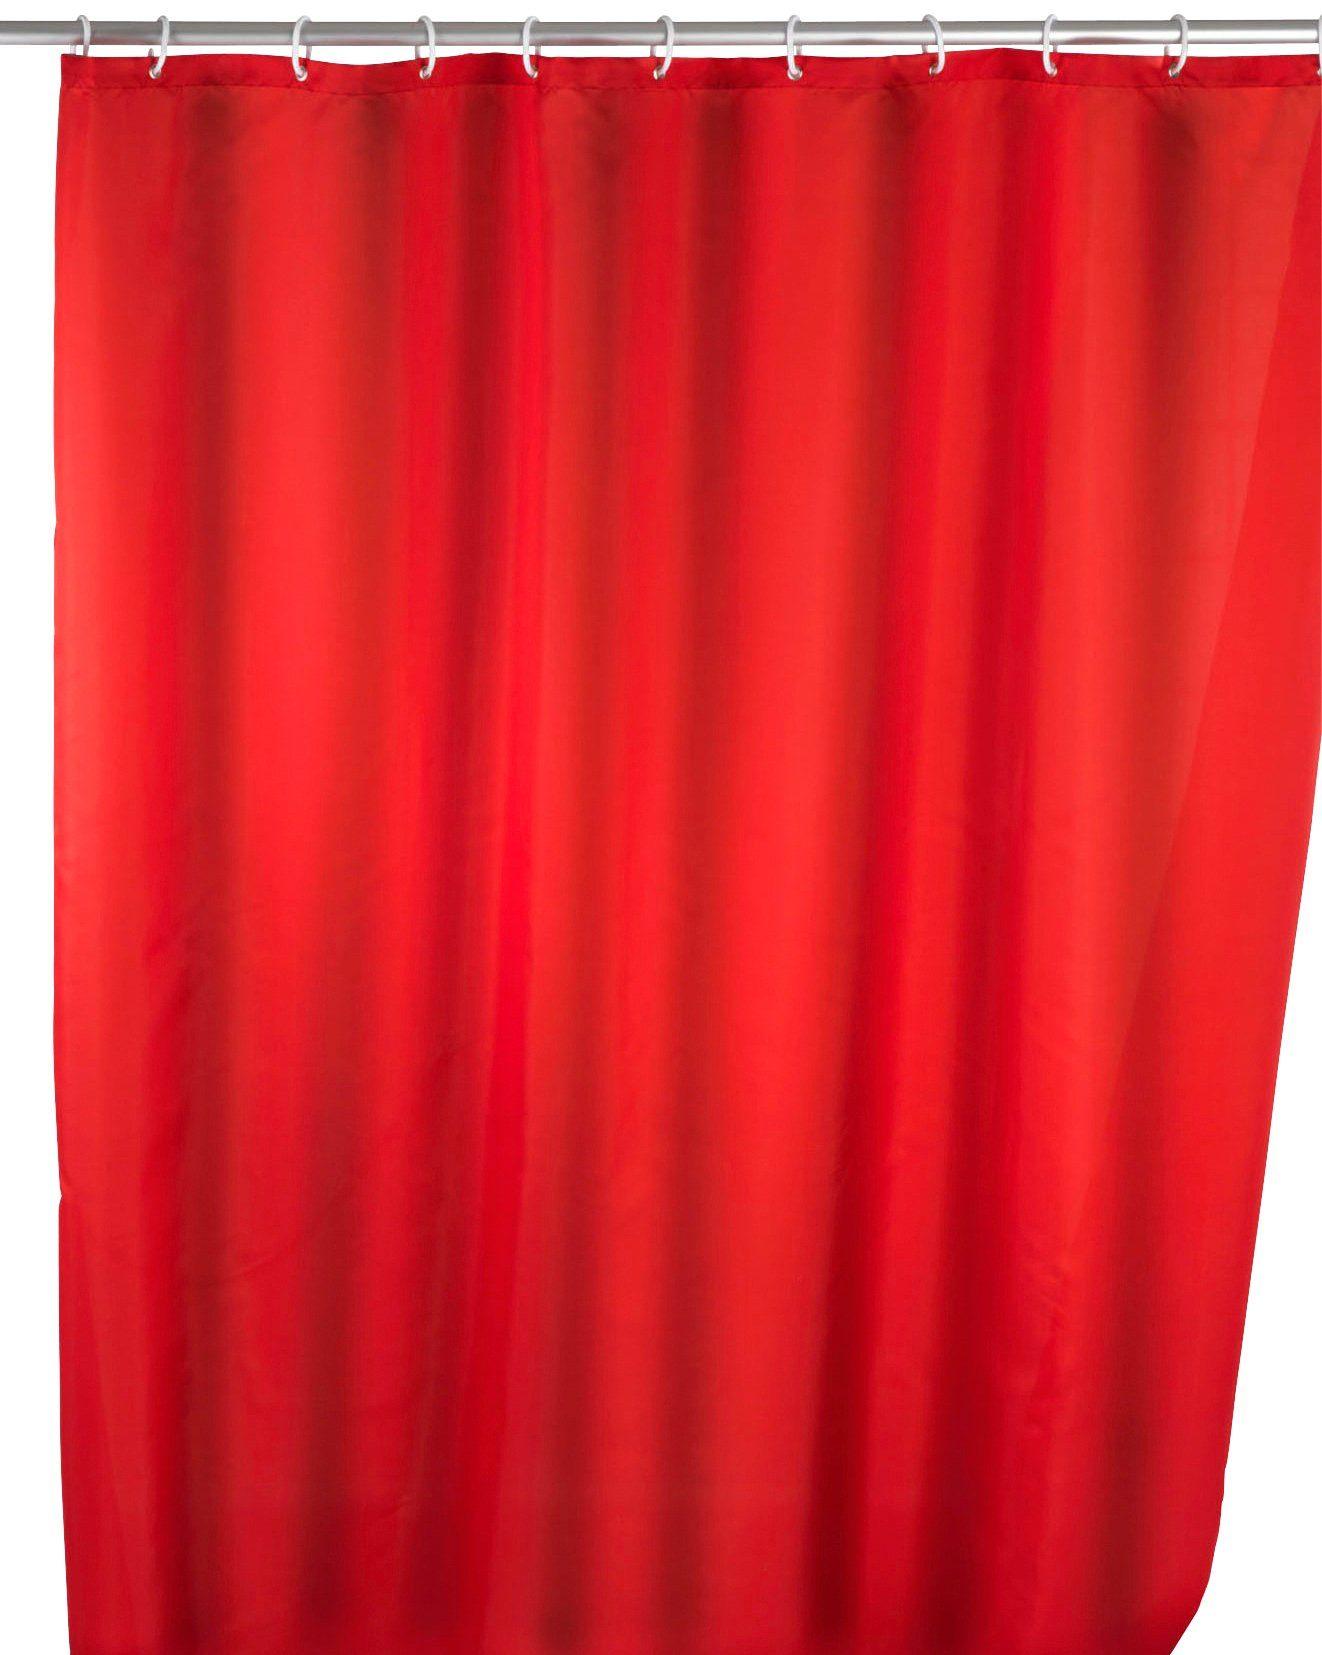 WENKO Duschvorhang »Uni Red«, Anti-Schimmel, 180 x 200 cm, waschbar